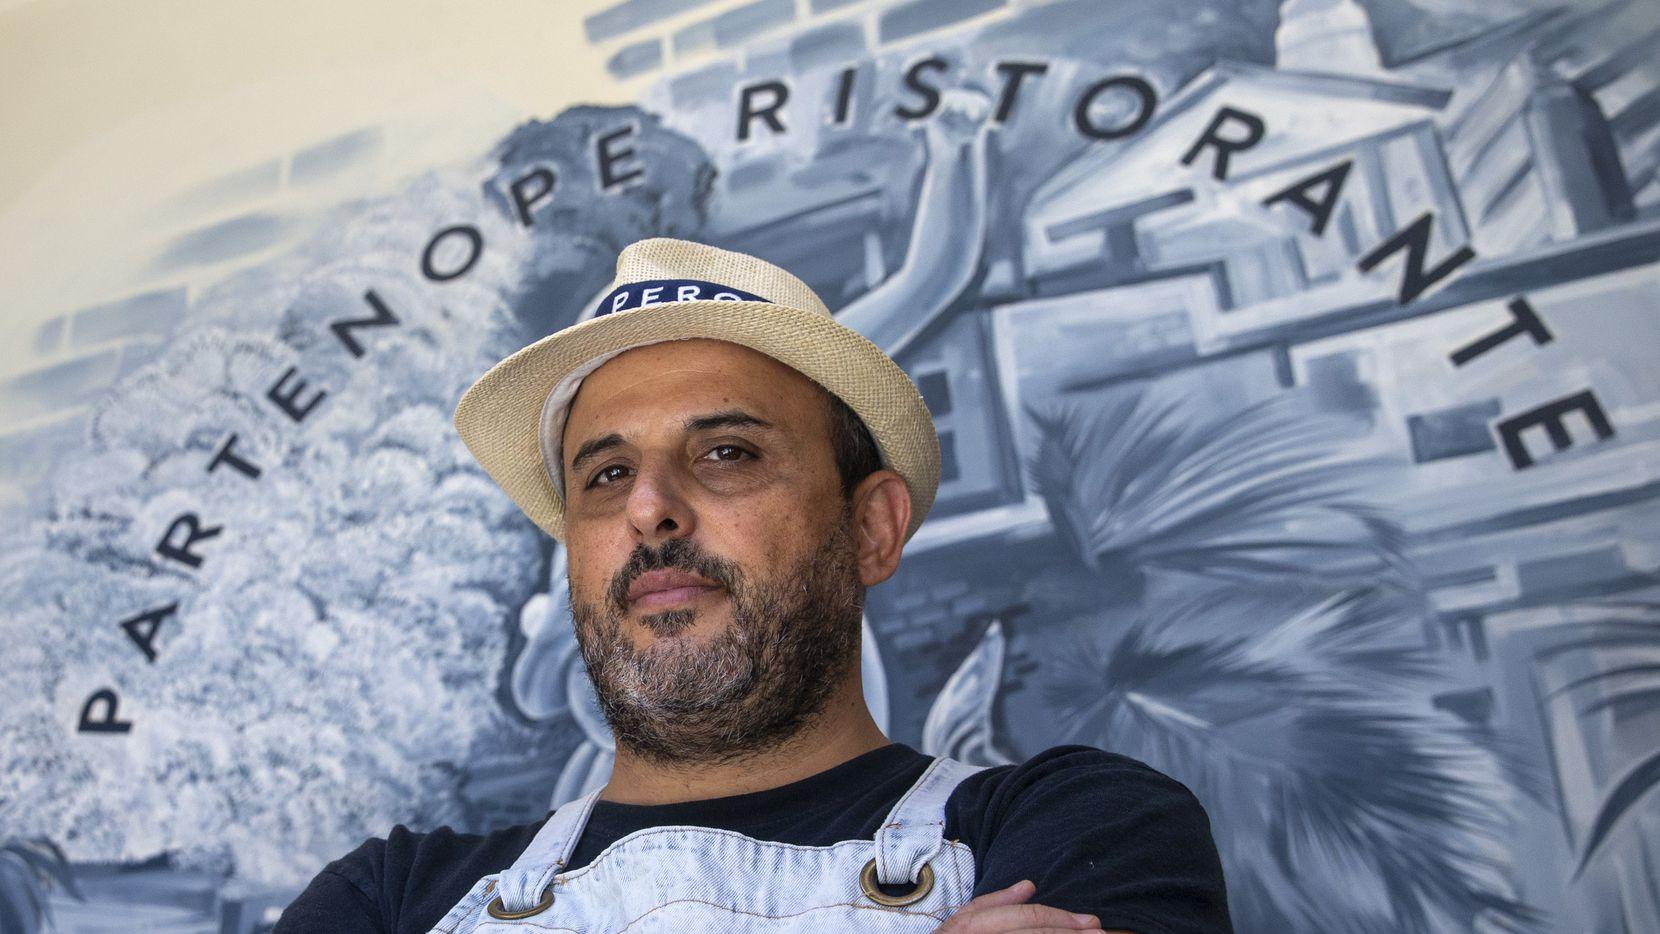 El chef Dino Santonicola de Partenope Ristorante en el centro de Dallas. El sábado pasado el 60% de las personas que reservaron mesa no fueron, él cree que se dio debido a temores por la variante delta.